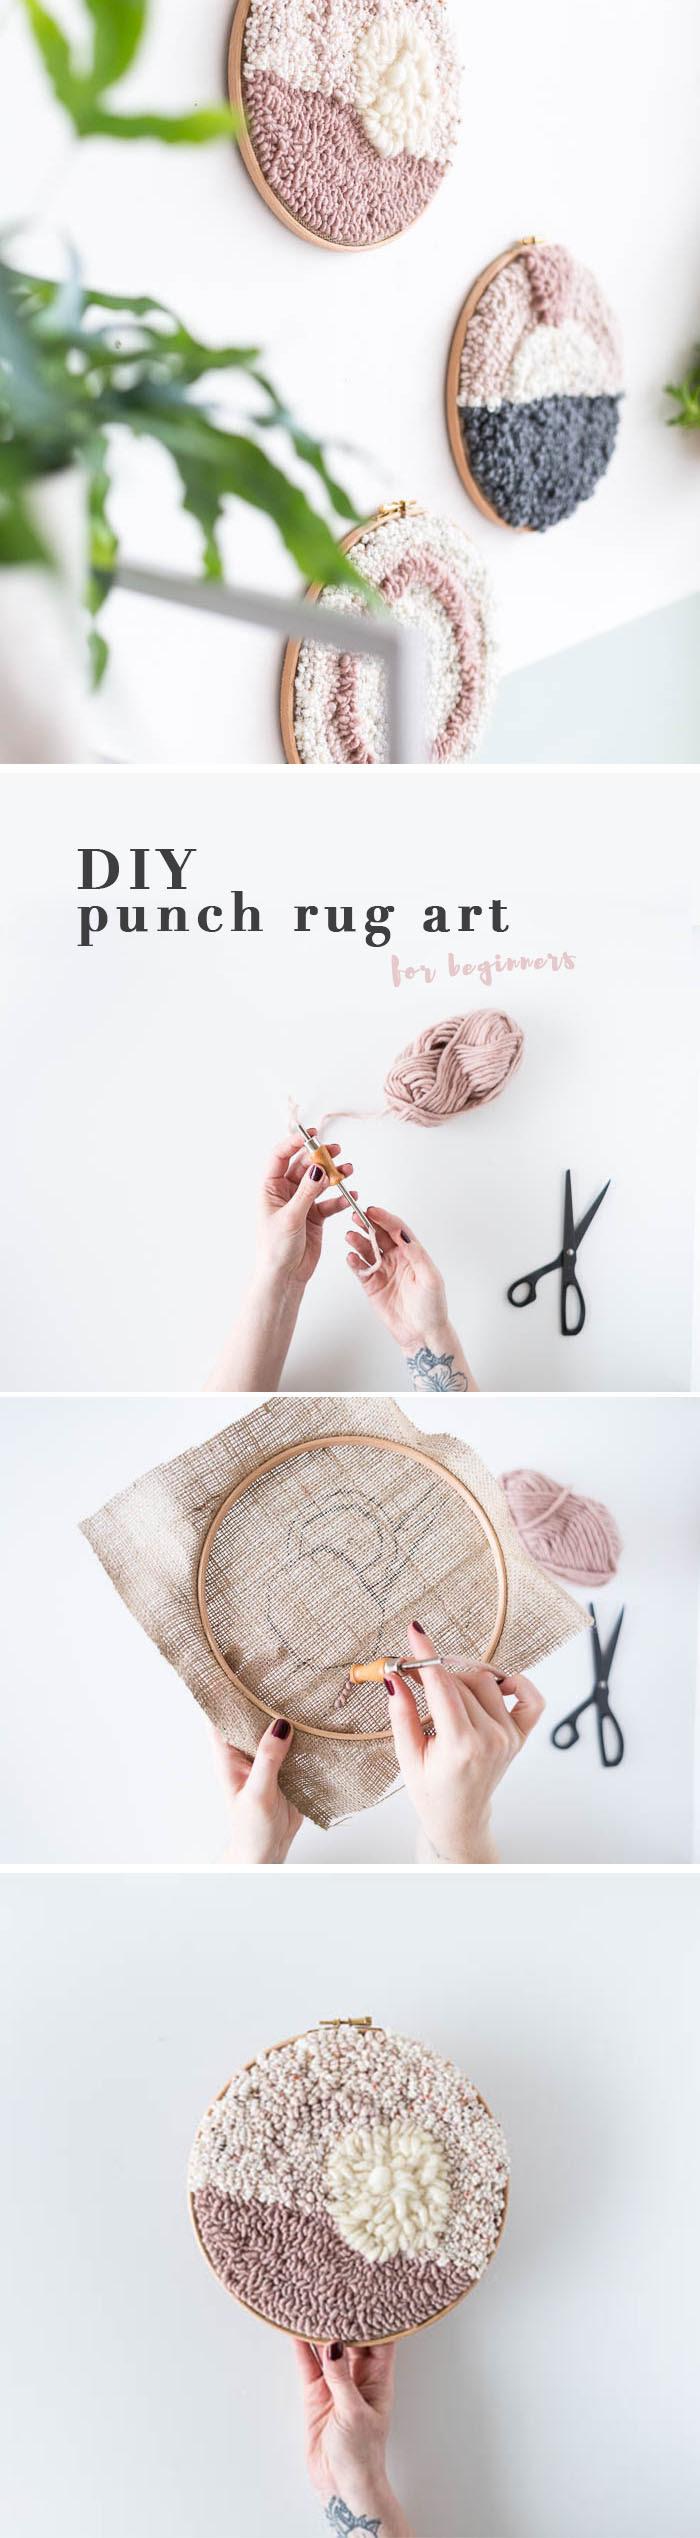 Diy Punch Rug Artwork For Beginners Tutorial Fall For Diy